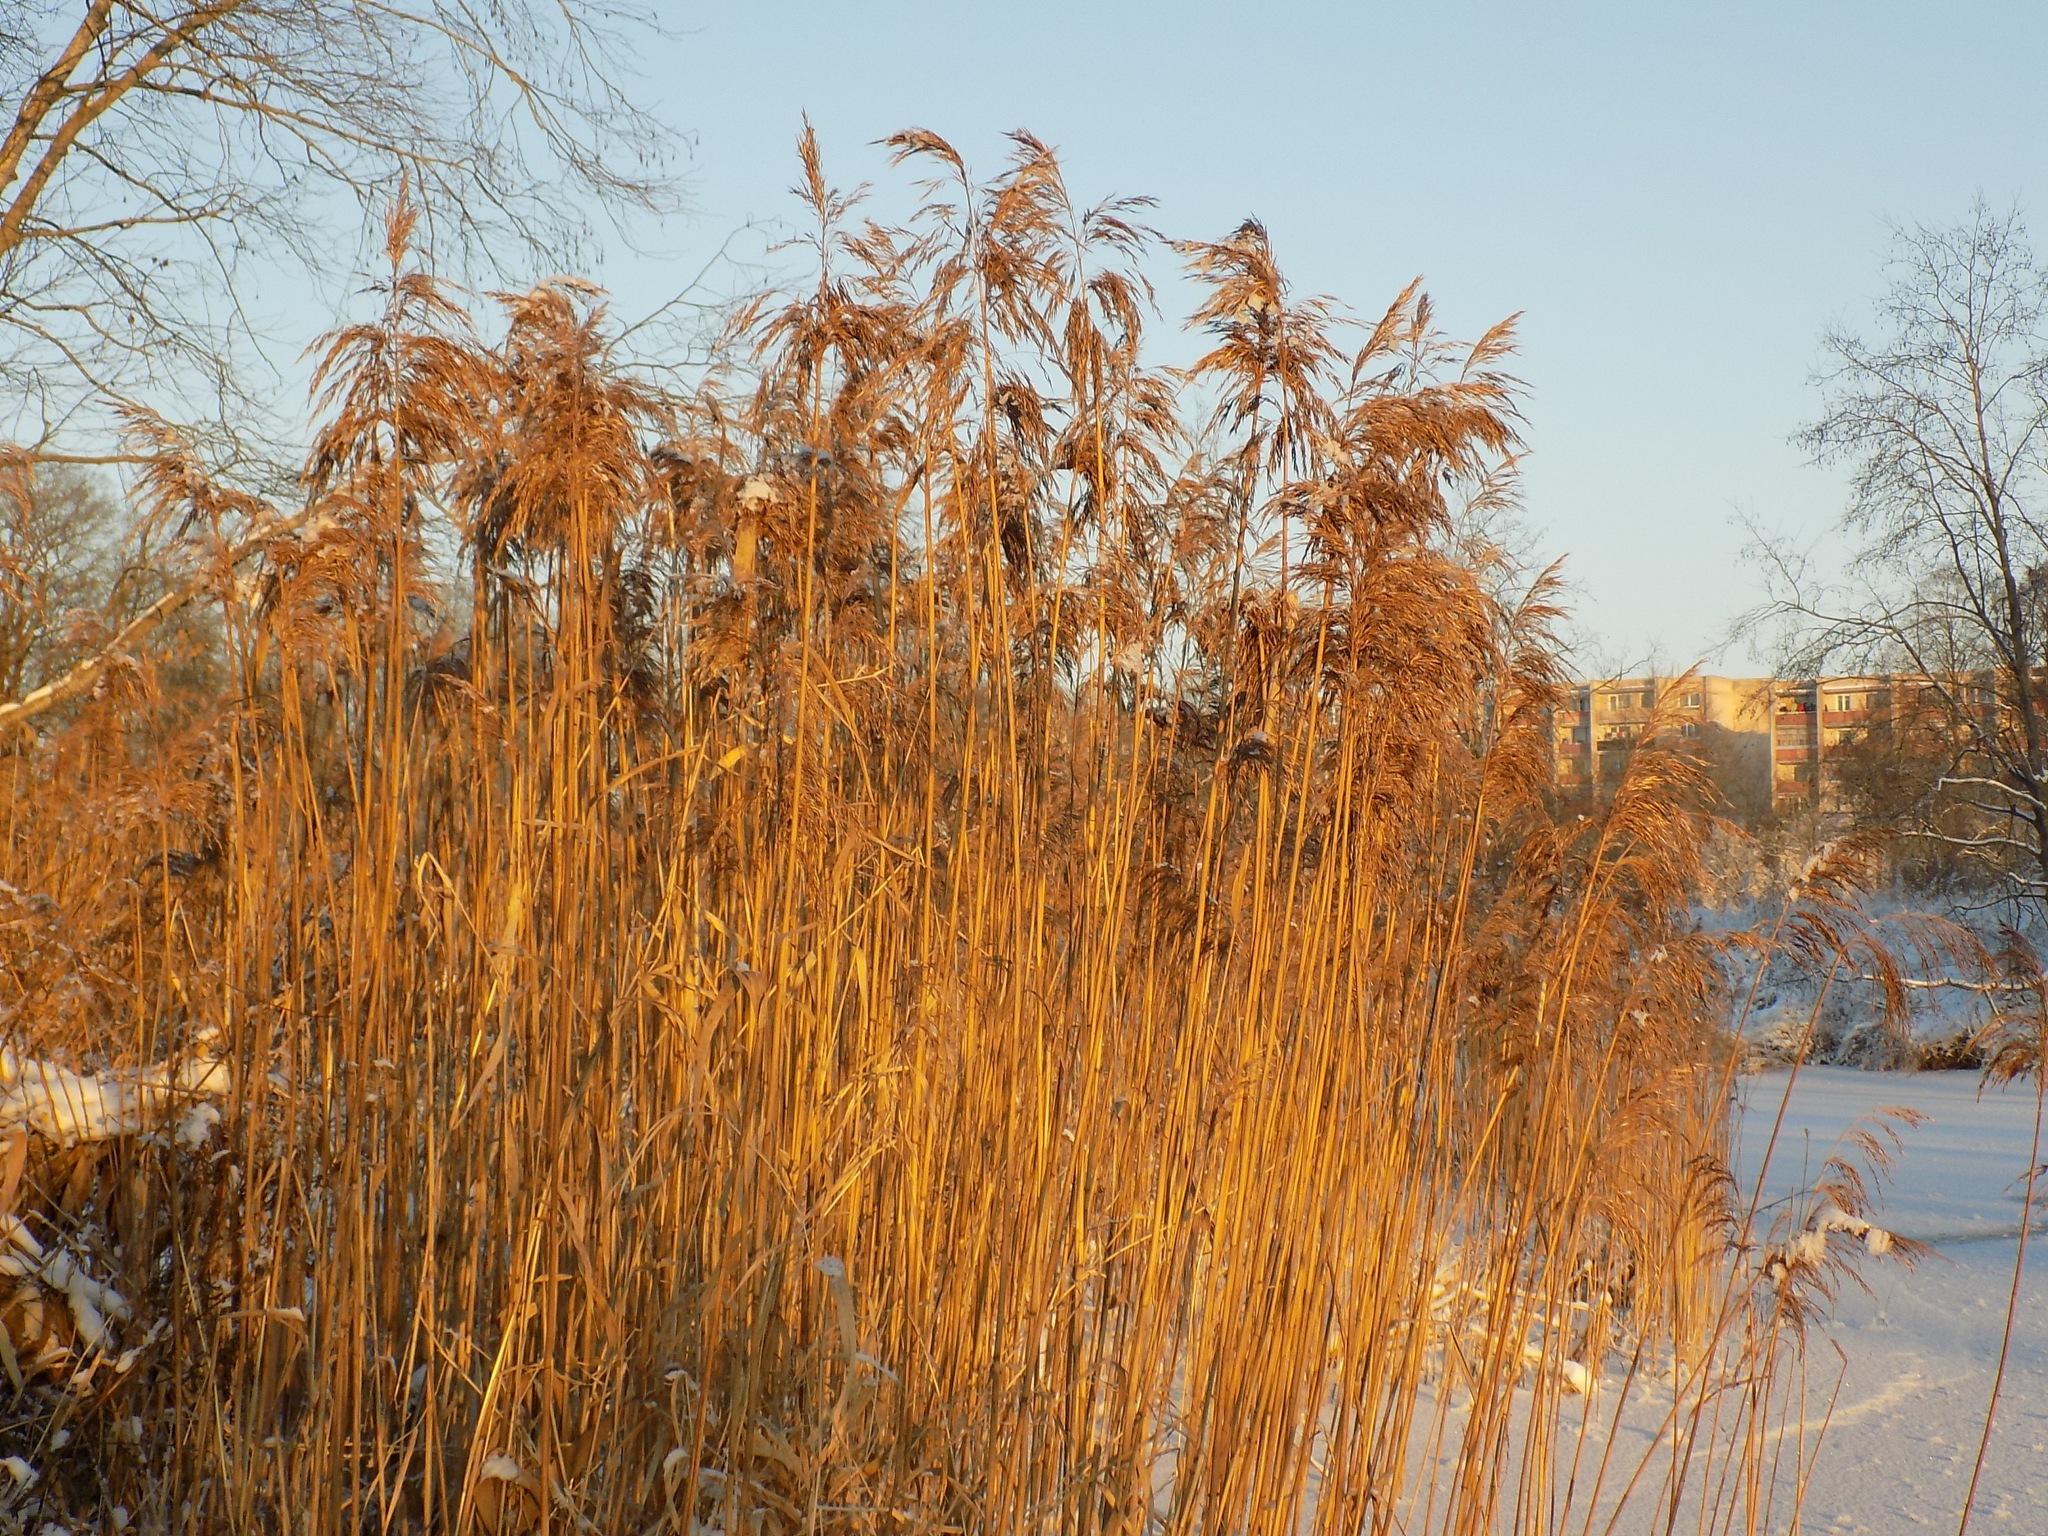 Reeds in winter by uzkuraitiene62